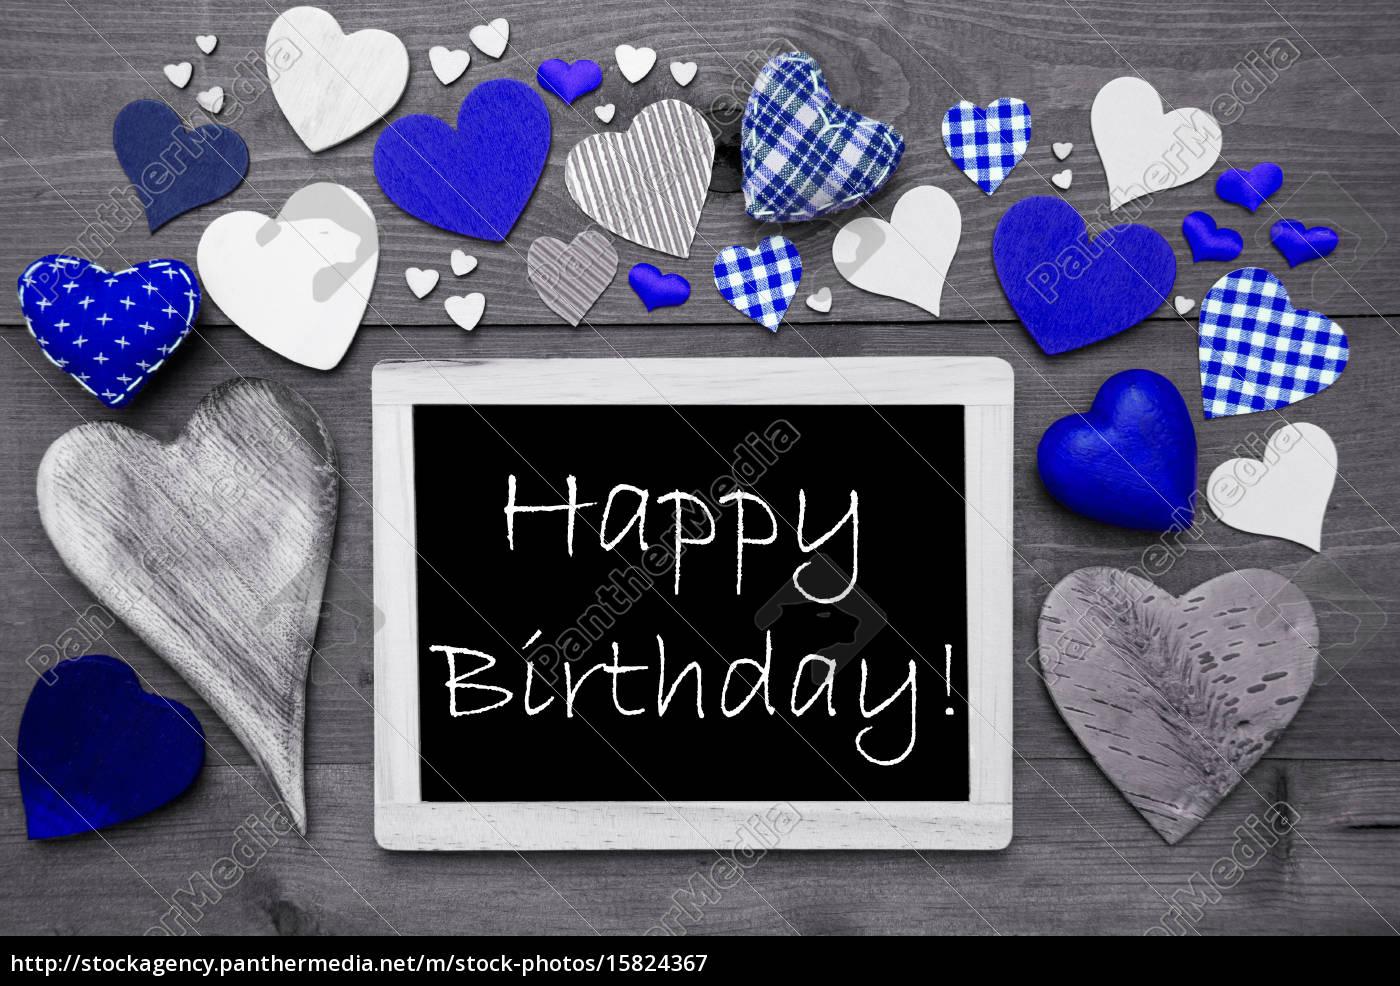 czarno-biały, chalkbord, wiele, niebieskich, serc, szczęśliwe, urodziny - 15824367